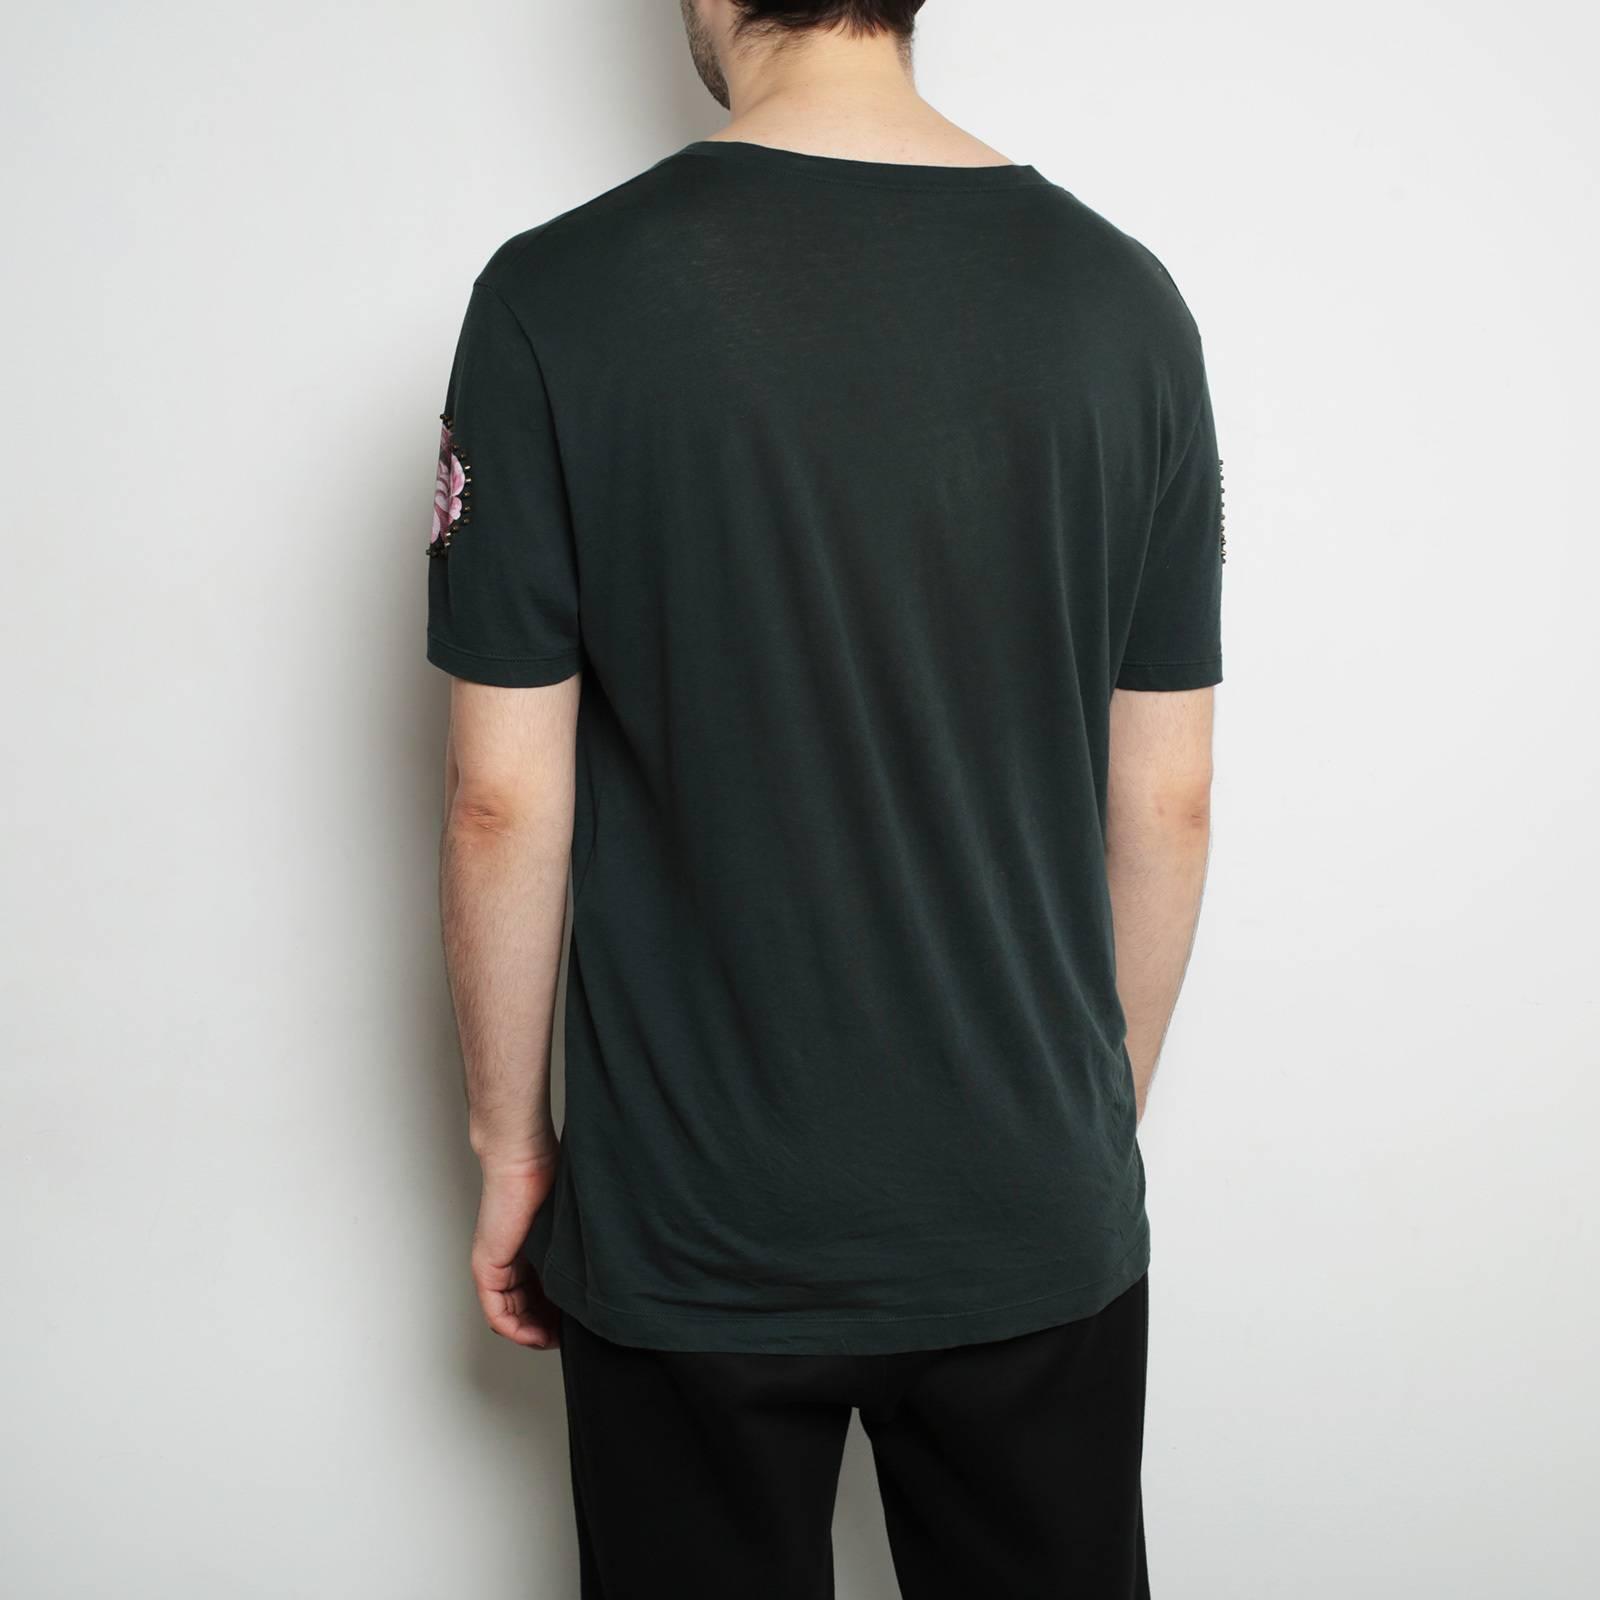 60ee12c63626 Купить футболку Gucci в Москве с доставкой по цене 12740 рублей ...